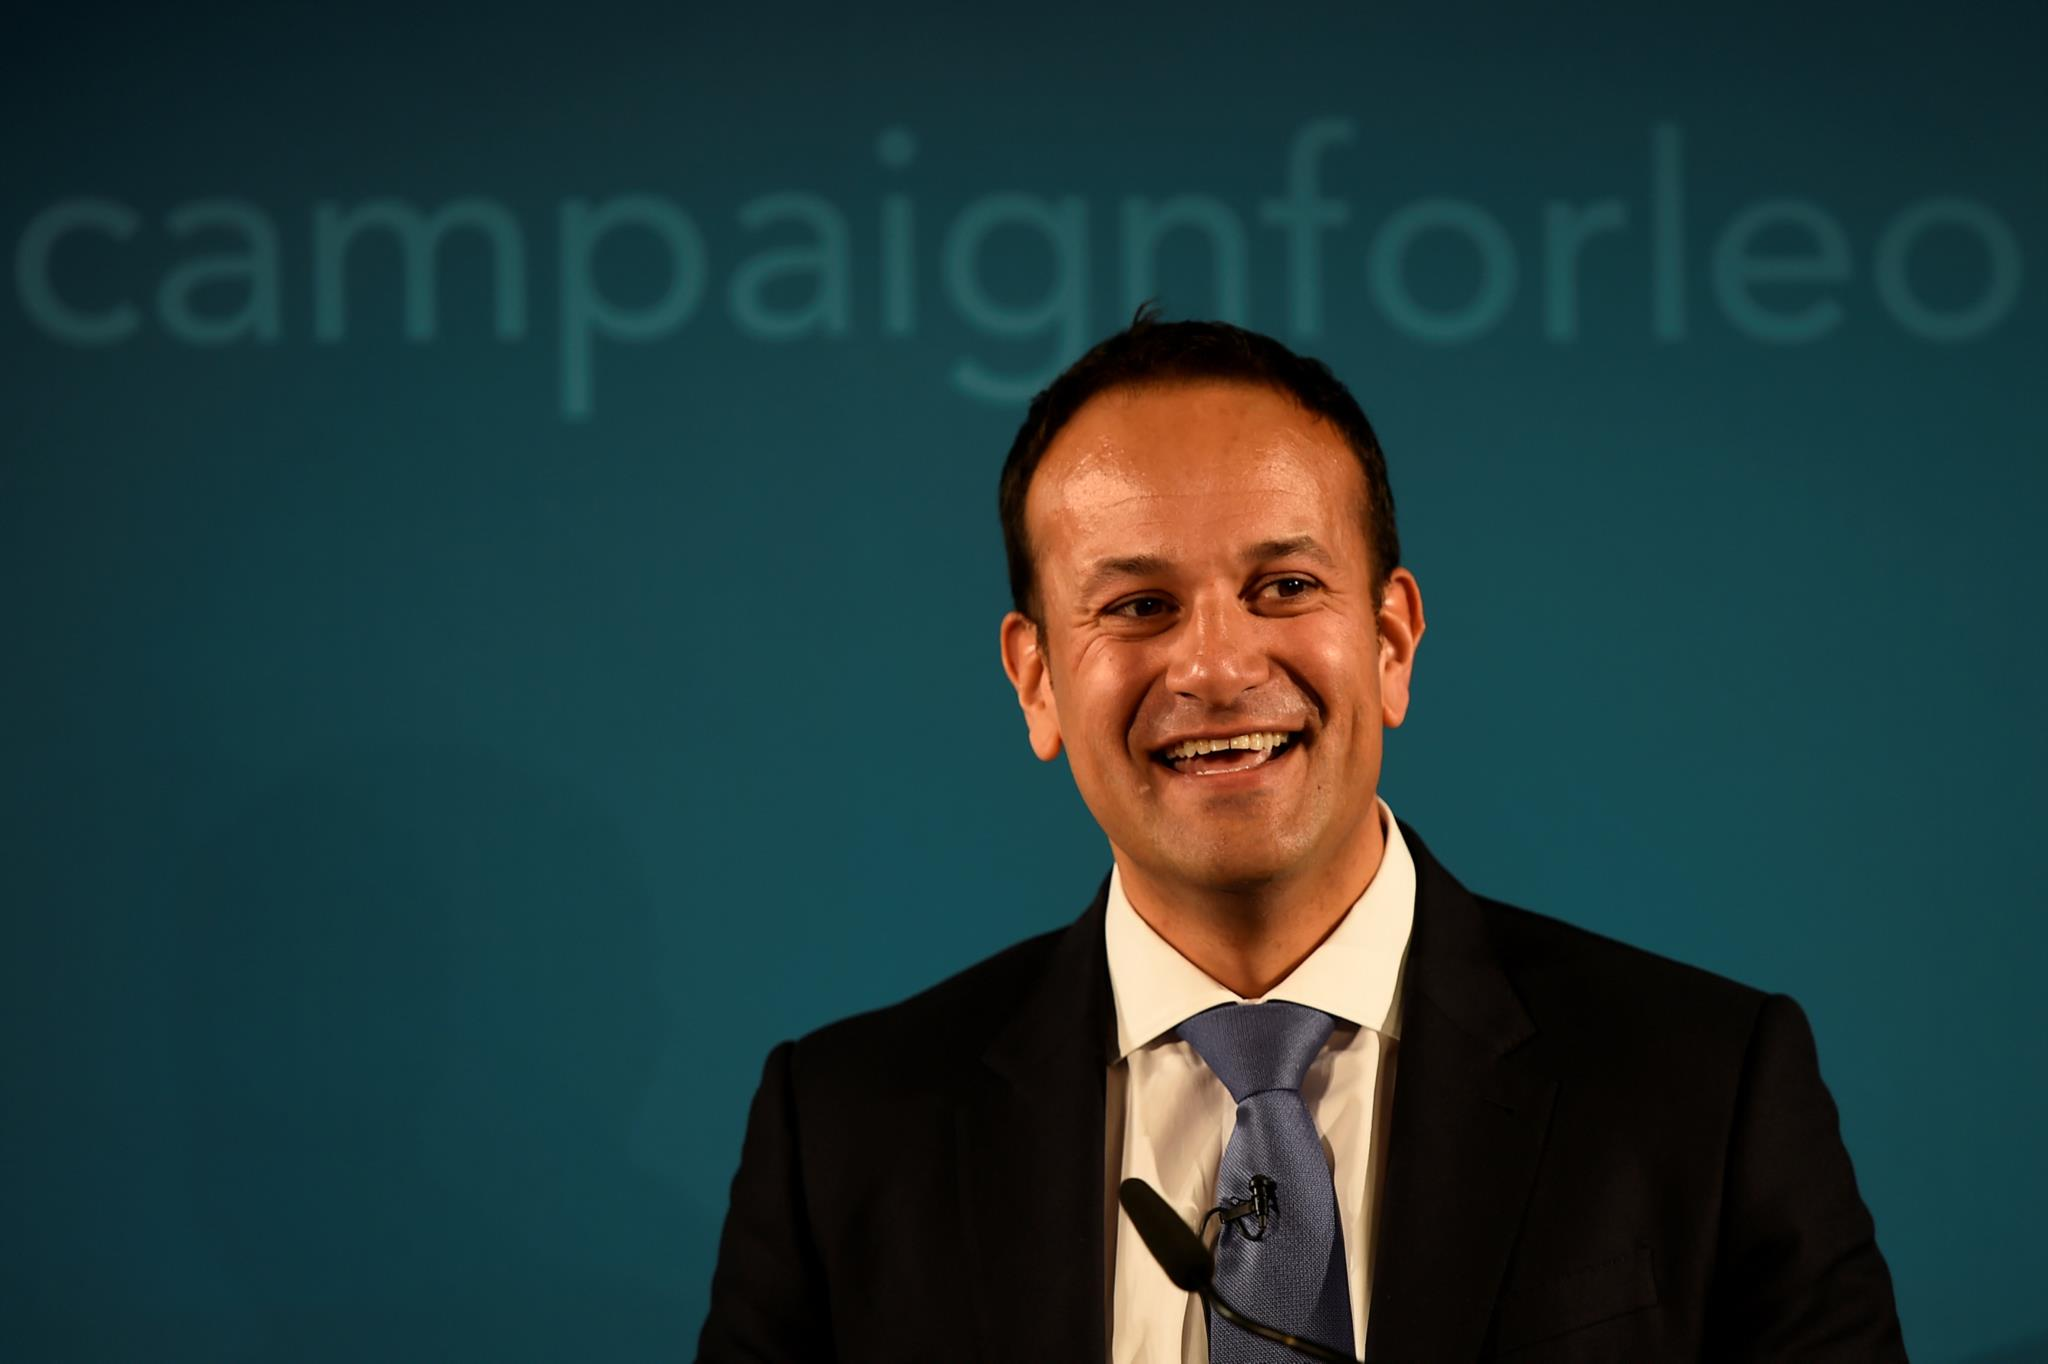 PÚBLICO - A Irlanda está a um passo de ter um primeiro-ministro homossexual